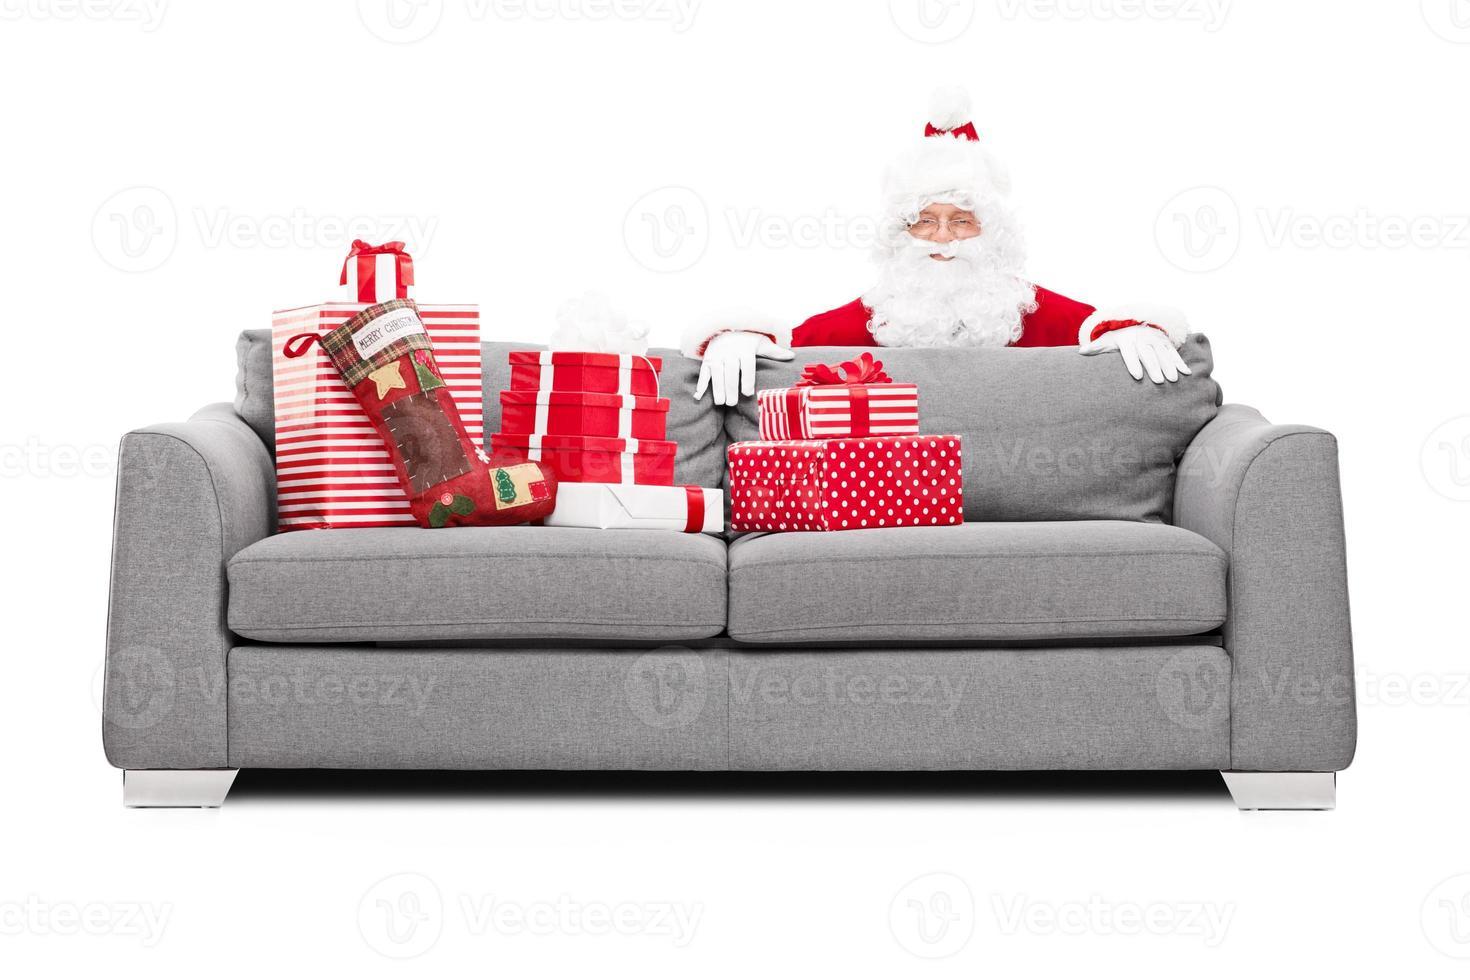 Weihnachtsmann versteckt sich hinter einem Sofa voller Geschenke foto